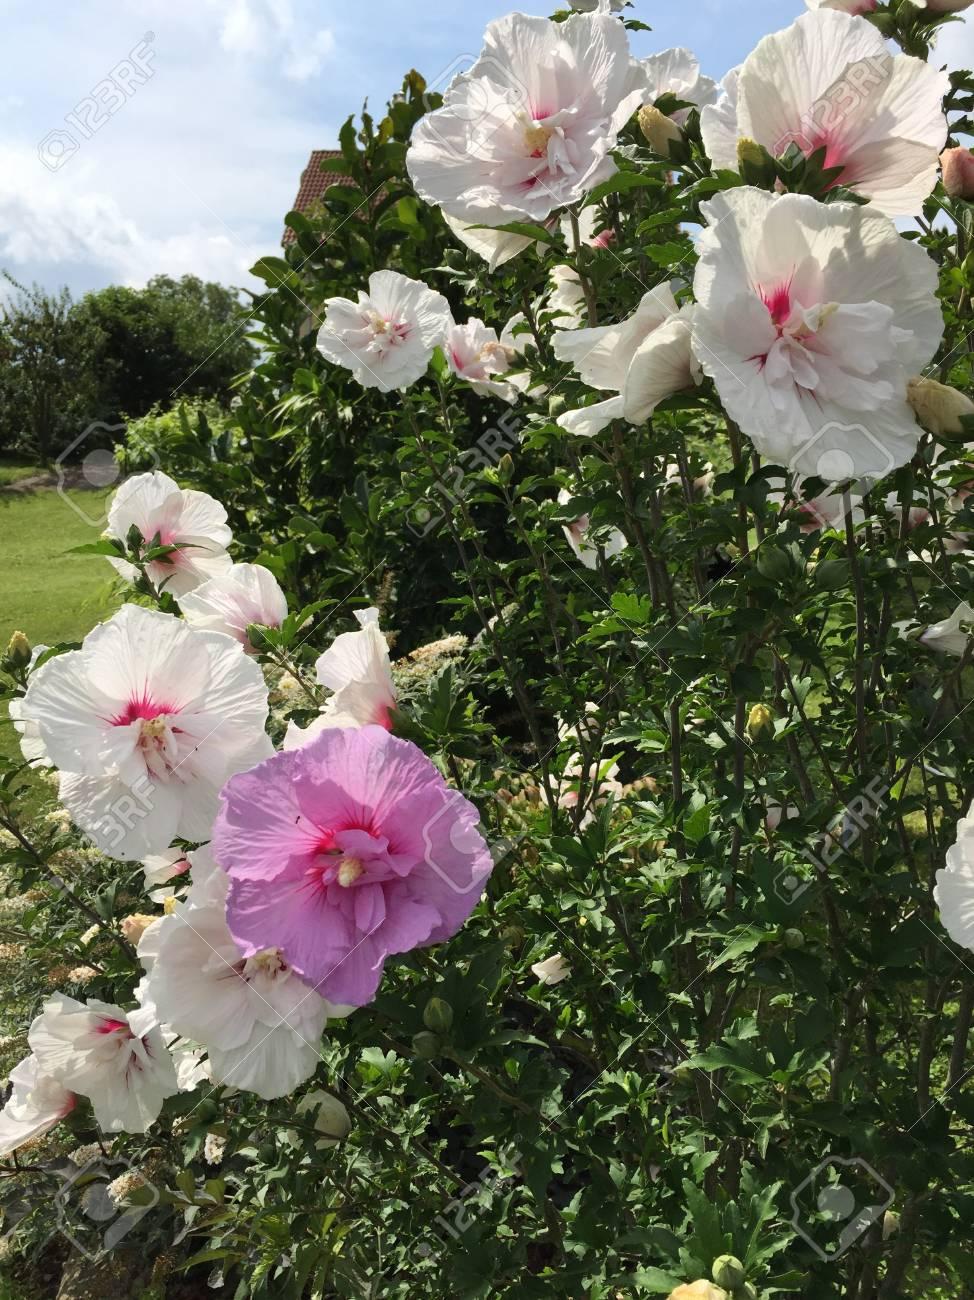 Eine Schöne Farbige Hibiskus Pflanze Im Garten Lizenzfreie Fotos